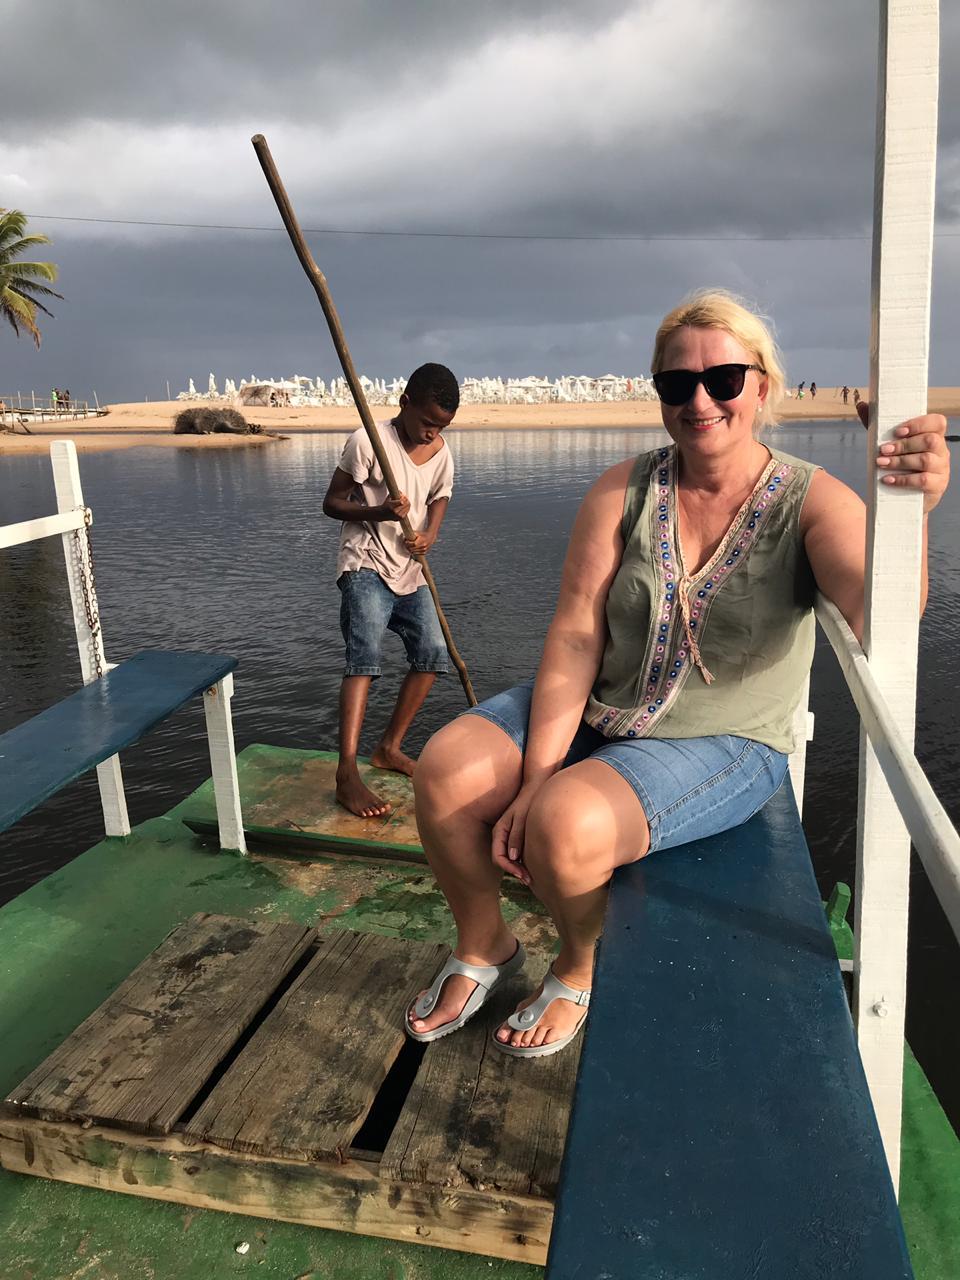 Kėdainių turizmo ir verslo informacijos centro vadovė Daina Balasevičienė šią vasarą net 23 dienoms buvo išvykusi į Braziliją. Kelionės ištakos siekia keletą metų atgal, o viskas prasidėjo nuo vienos brazilų poros vizito Kėdainiuose. / Asmeninio archyvo nuotr.